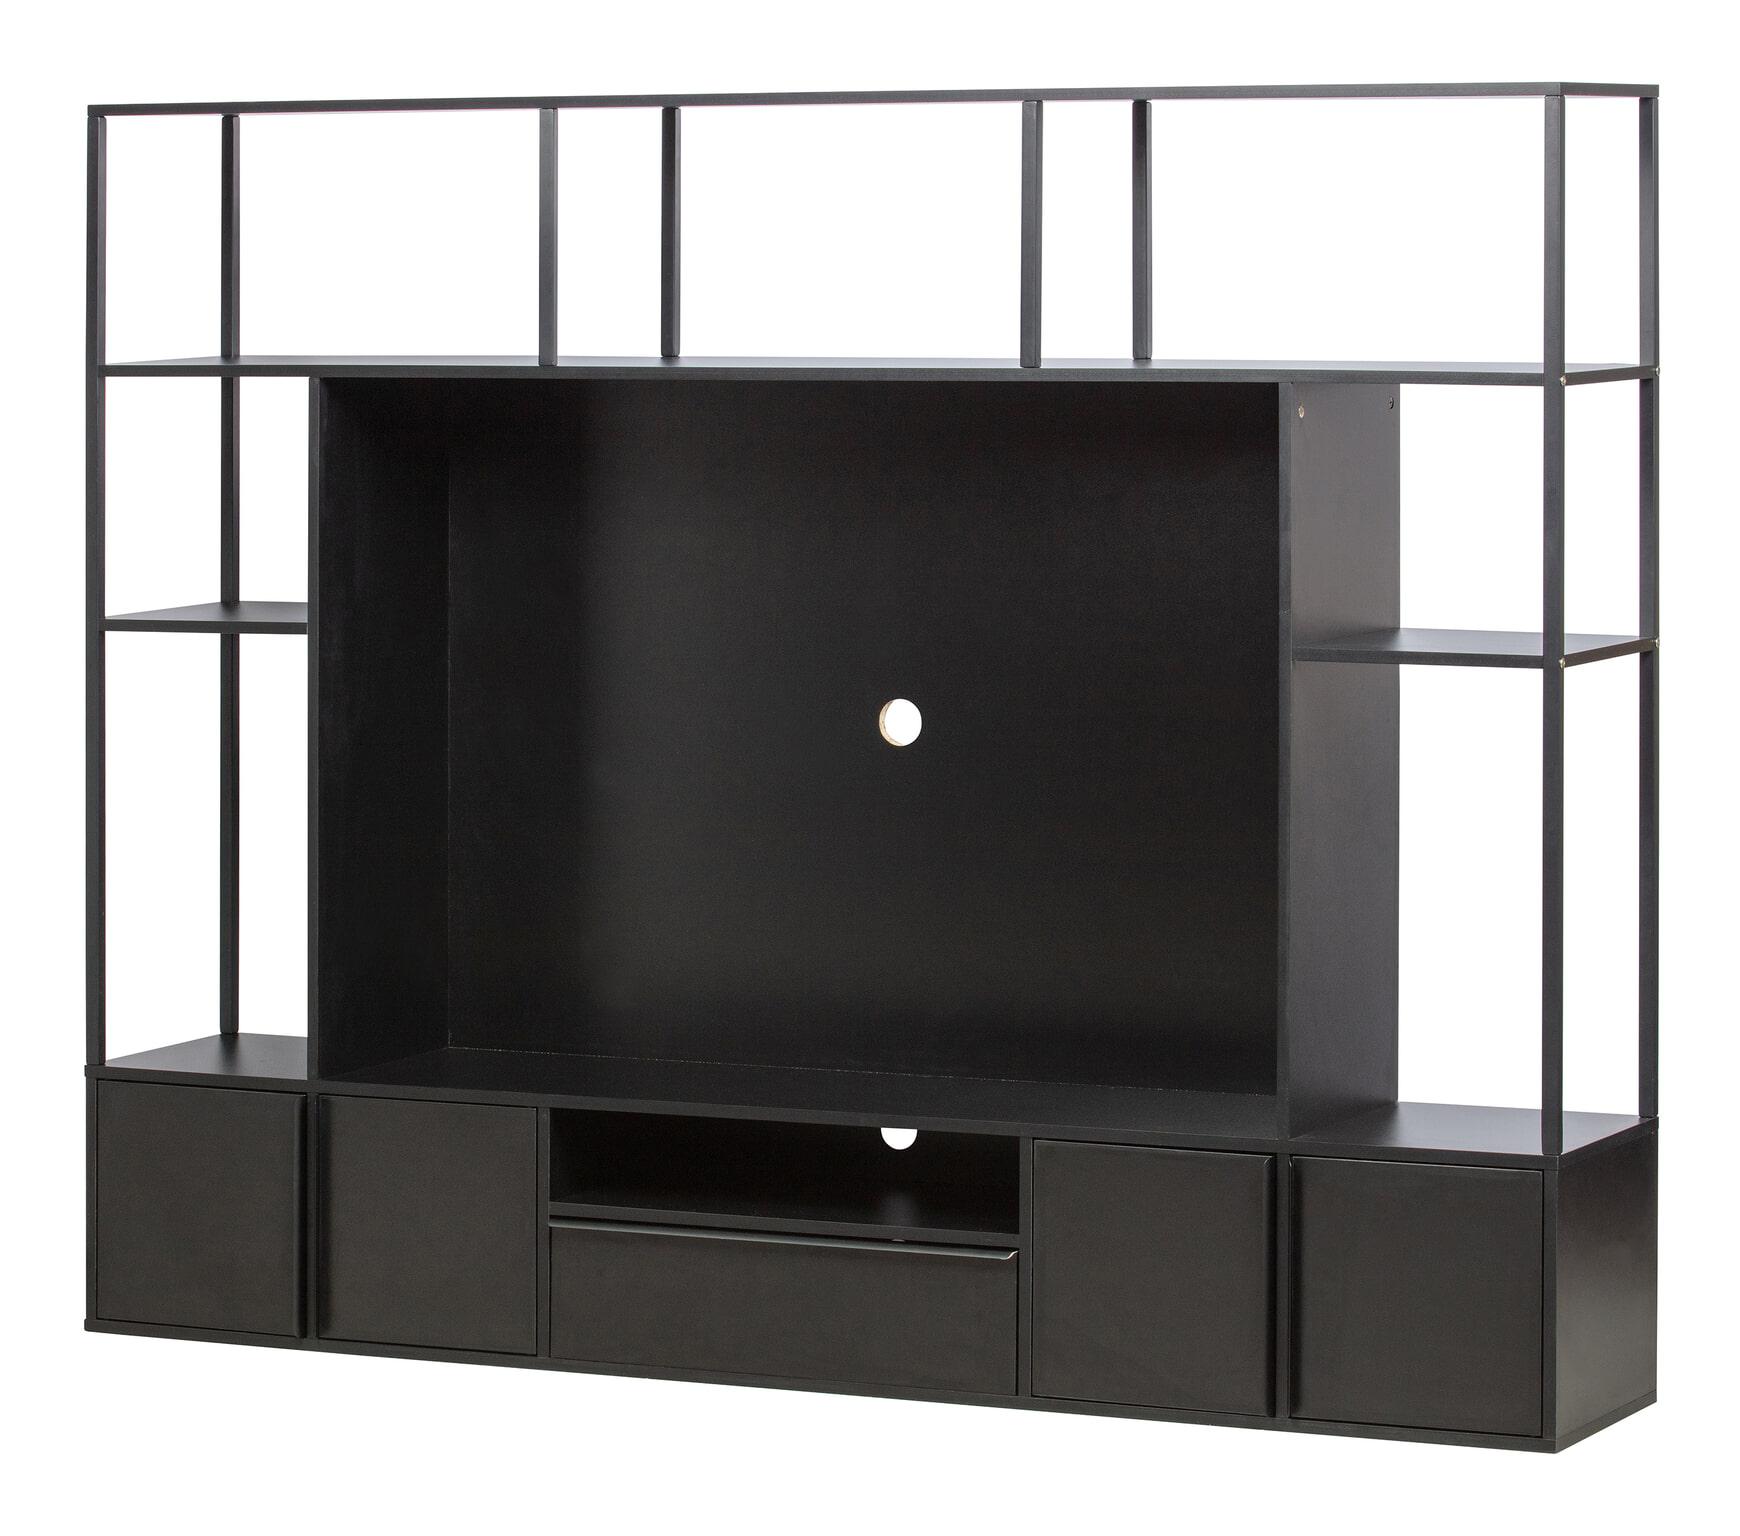 Woood Tv Meubel.Woood Tv Meubel Toby 160 X 200cm Kleur Zwart 373323 Z